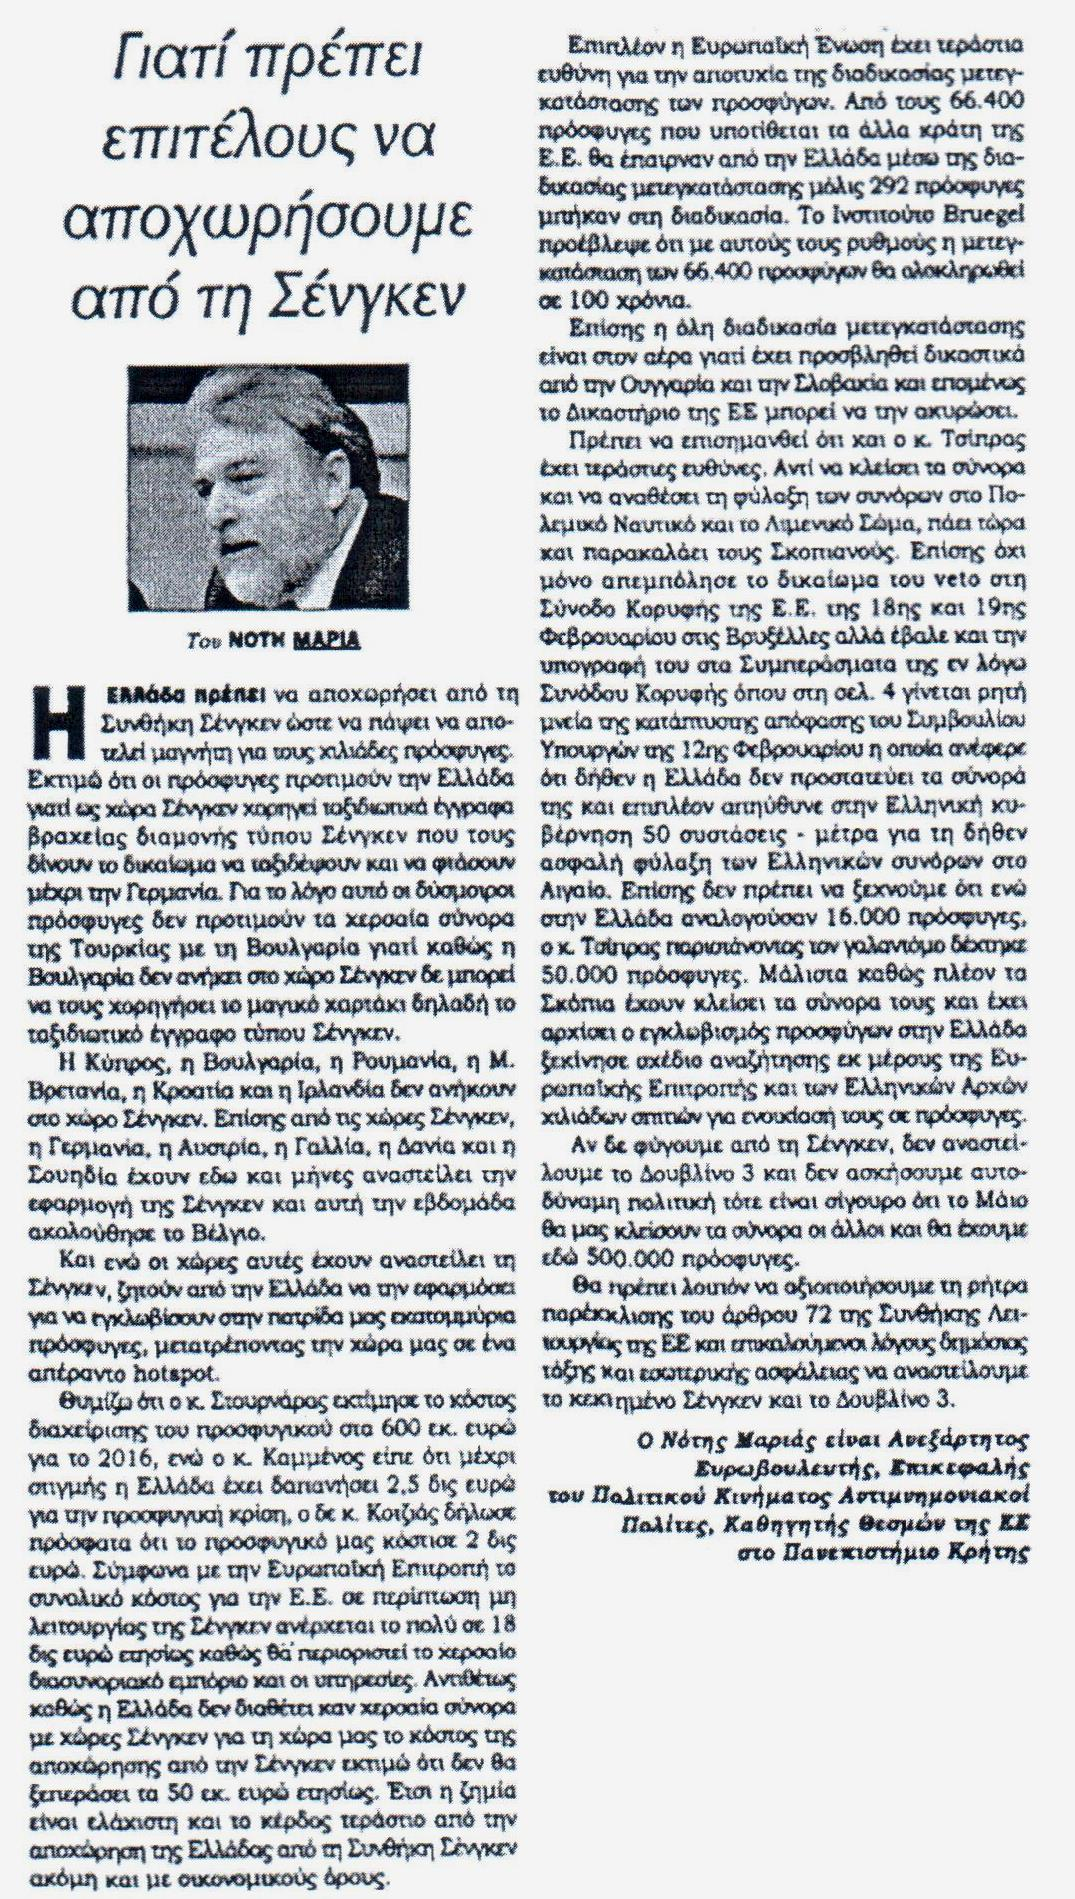 ΚΥΡΙΑΚΑΤΙΚΗ kontranews_28_2_2016